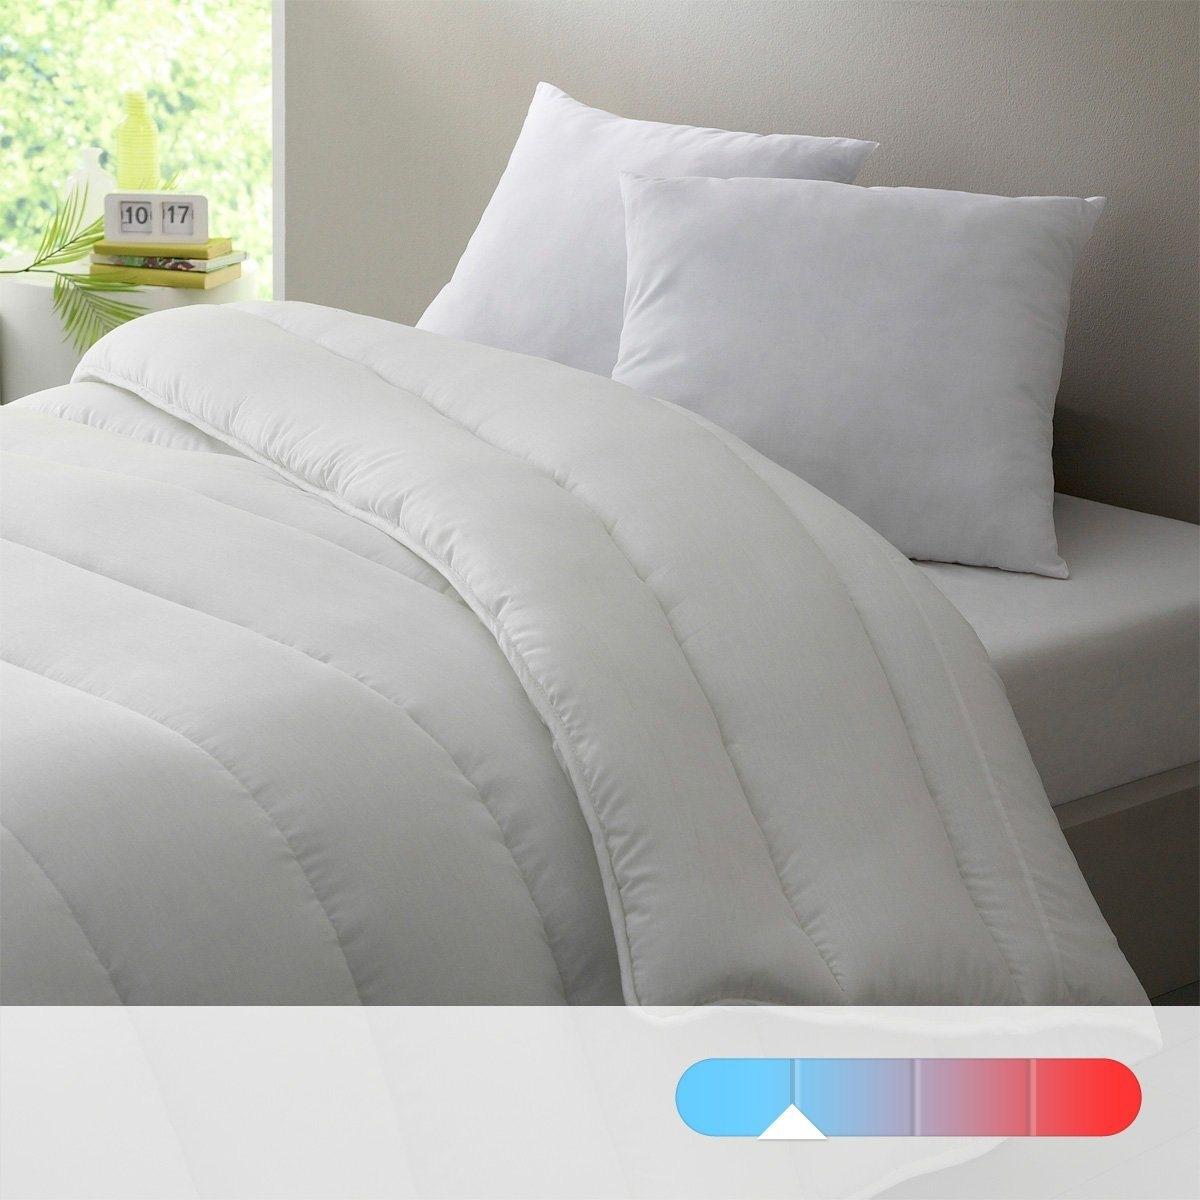 Синтетическое одеяло LA REDOUTE CREATION, 175 г/м?Одеяло из 100% полиэстера, полые силиконизированные волокна для большего комфорта. Прекрасное соотношение цены и качества. Плотность: 175 г/м?: легкое одеяло, идеально при температуре воздуха в комнате 20° и больше. Наполнитель: 100% полиэстера, полые силиконизированные волокна. Чехол: 100% полиэстера. Отделка кантом. Простежка по косой. Стирка при 30°. Идеально в любое время года.<br><br>Цвет: белый<br>Размер: 140 x 200  см